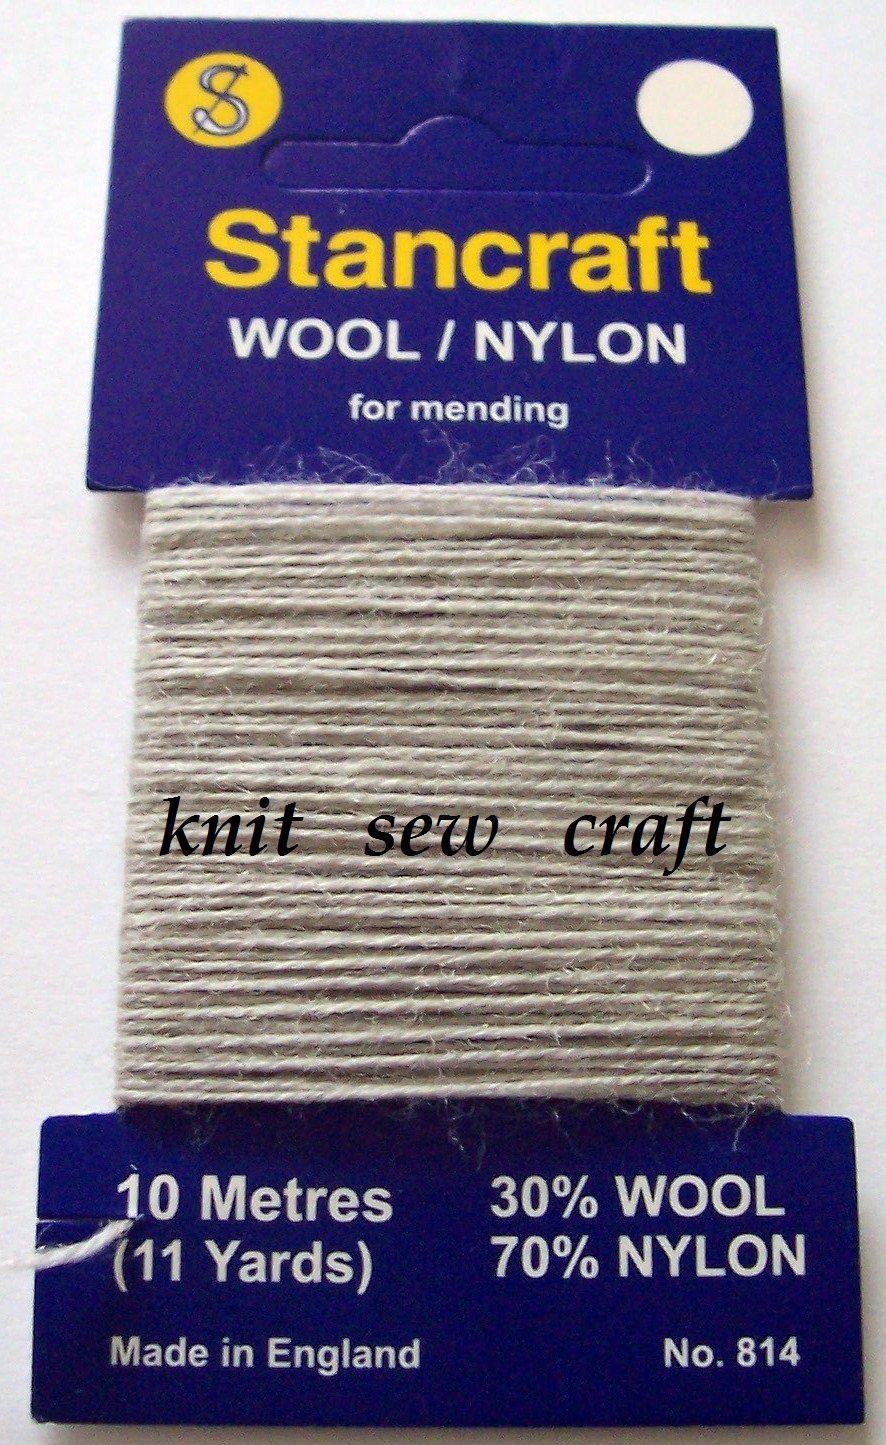 10 Metres of Stancraft Sock Darning Wool: LIGHT GREY